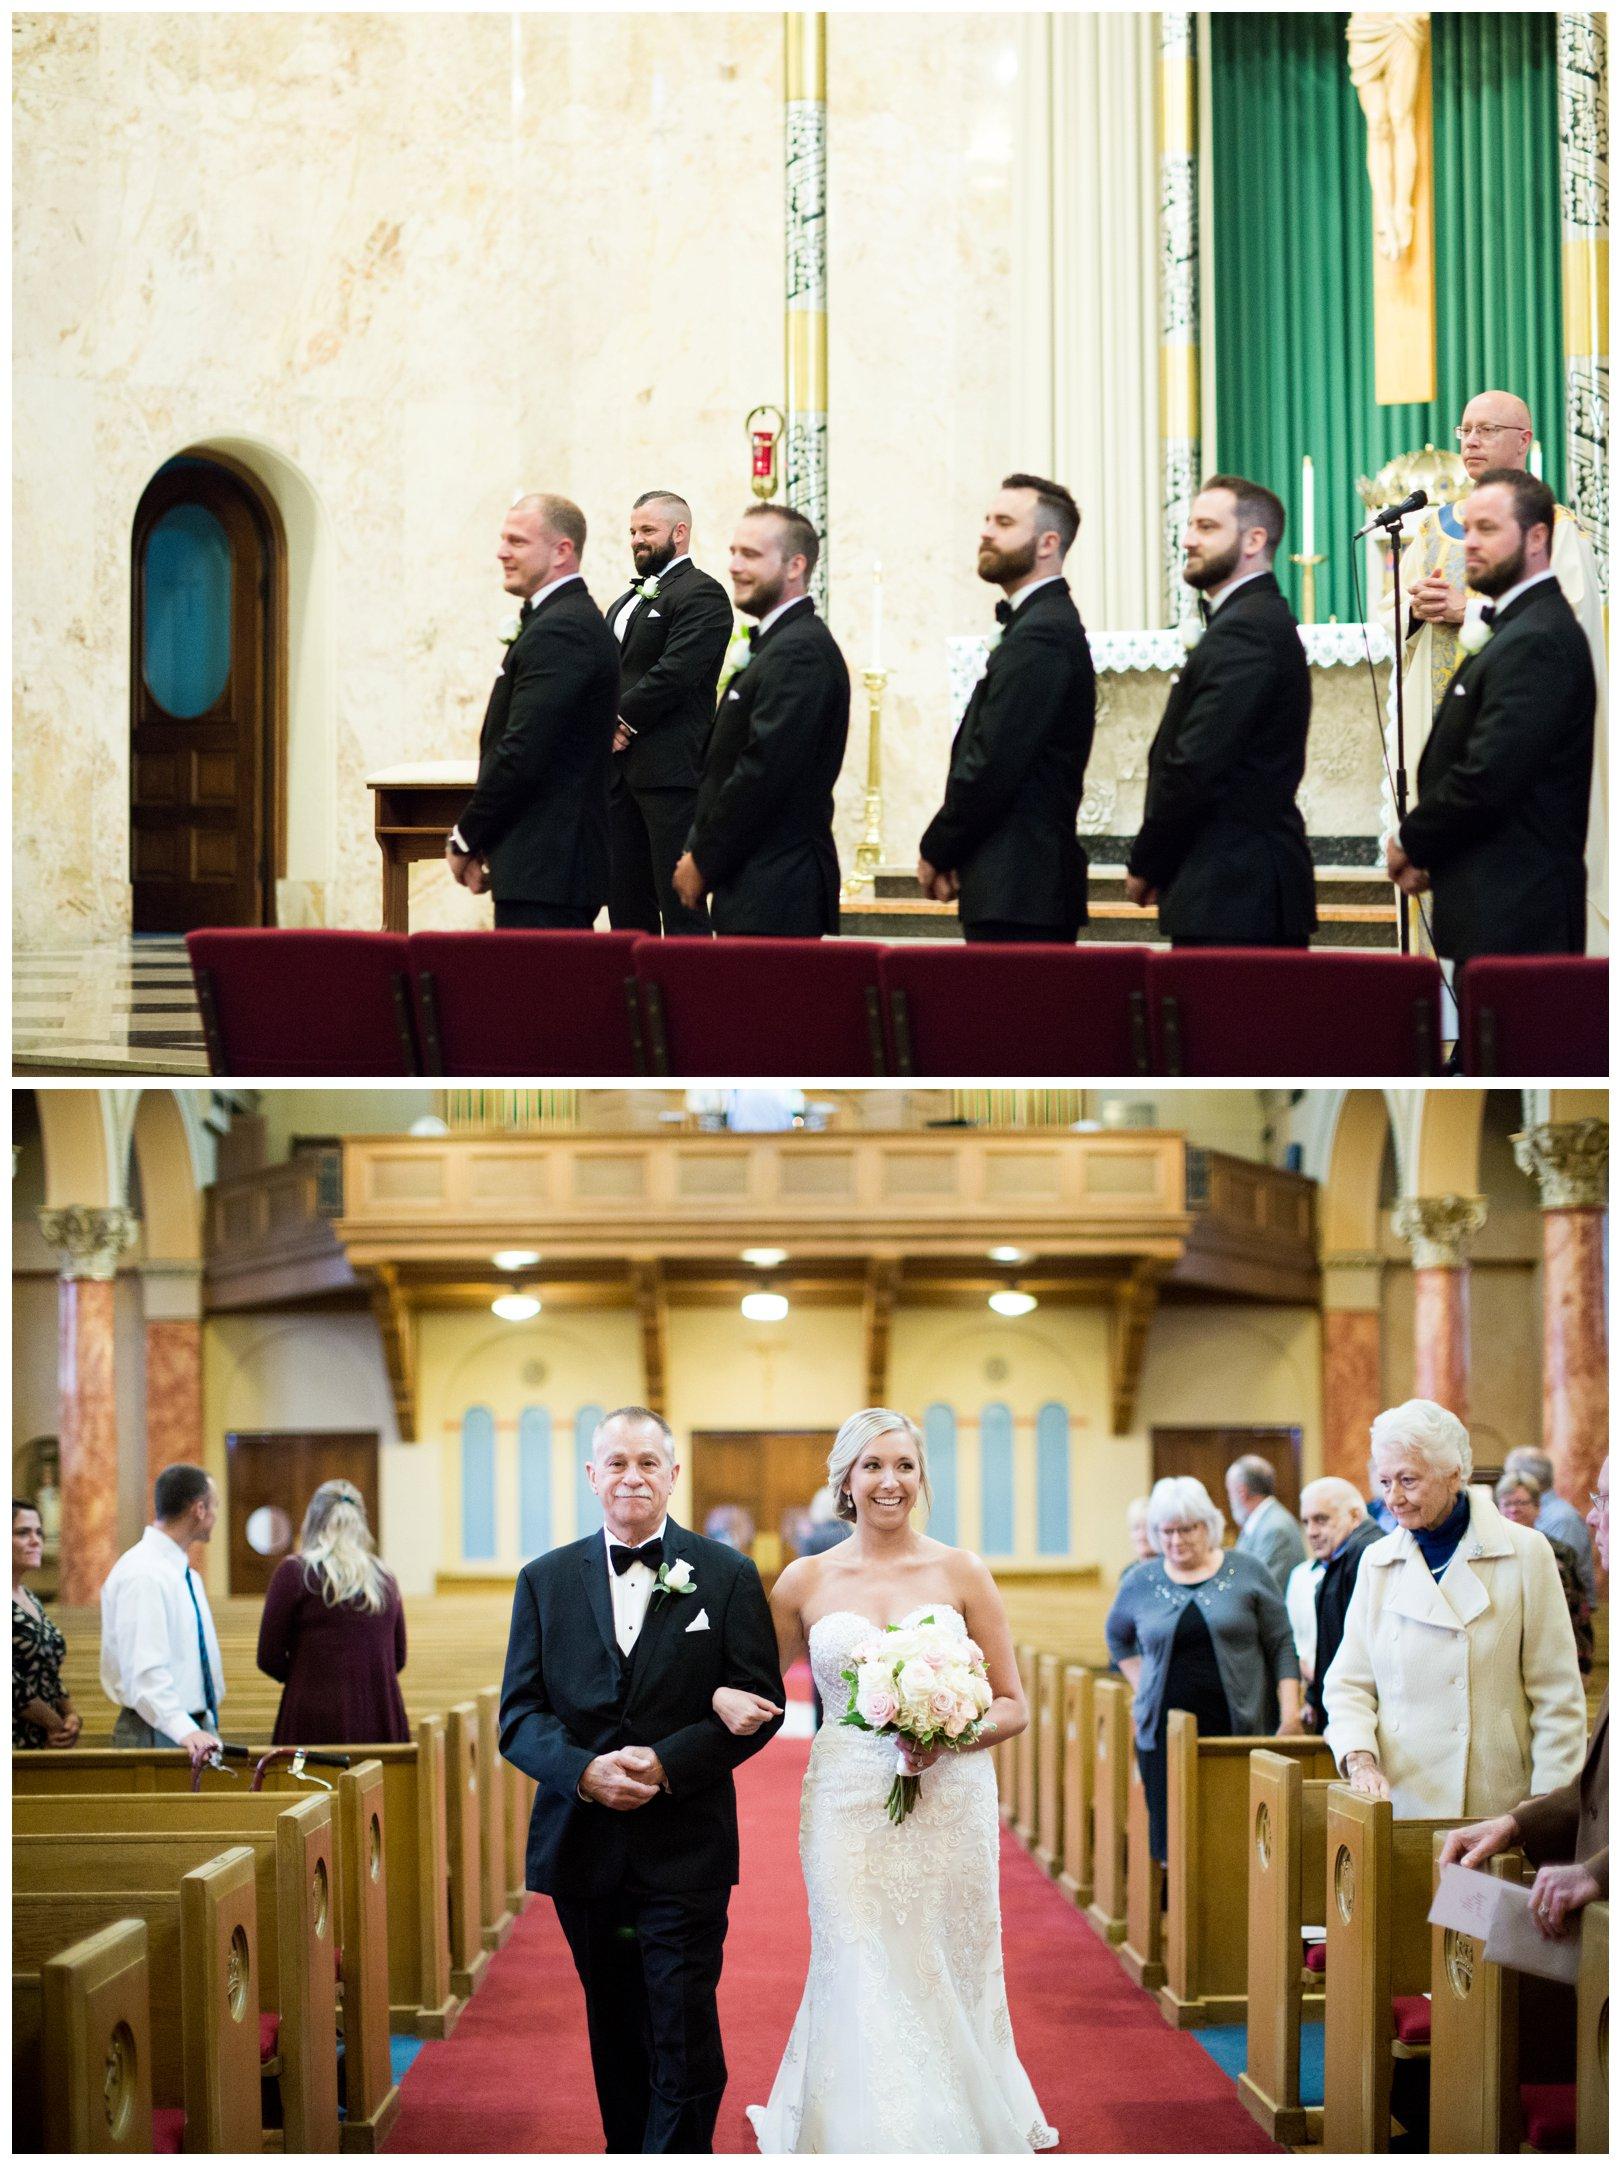 lauren muckler photography_fine art film wedding photography_st louis_photography_2139.jpg